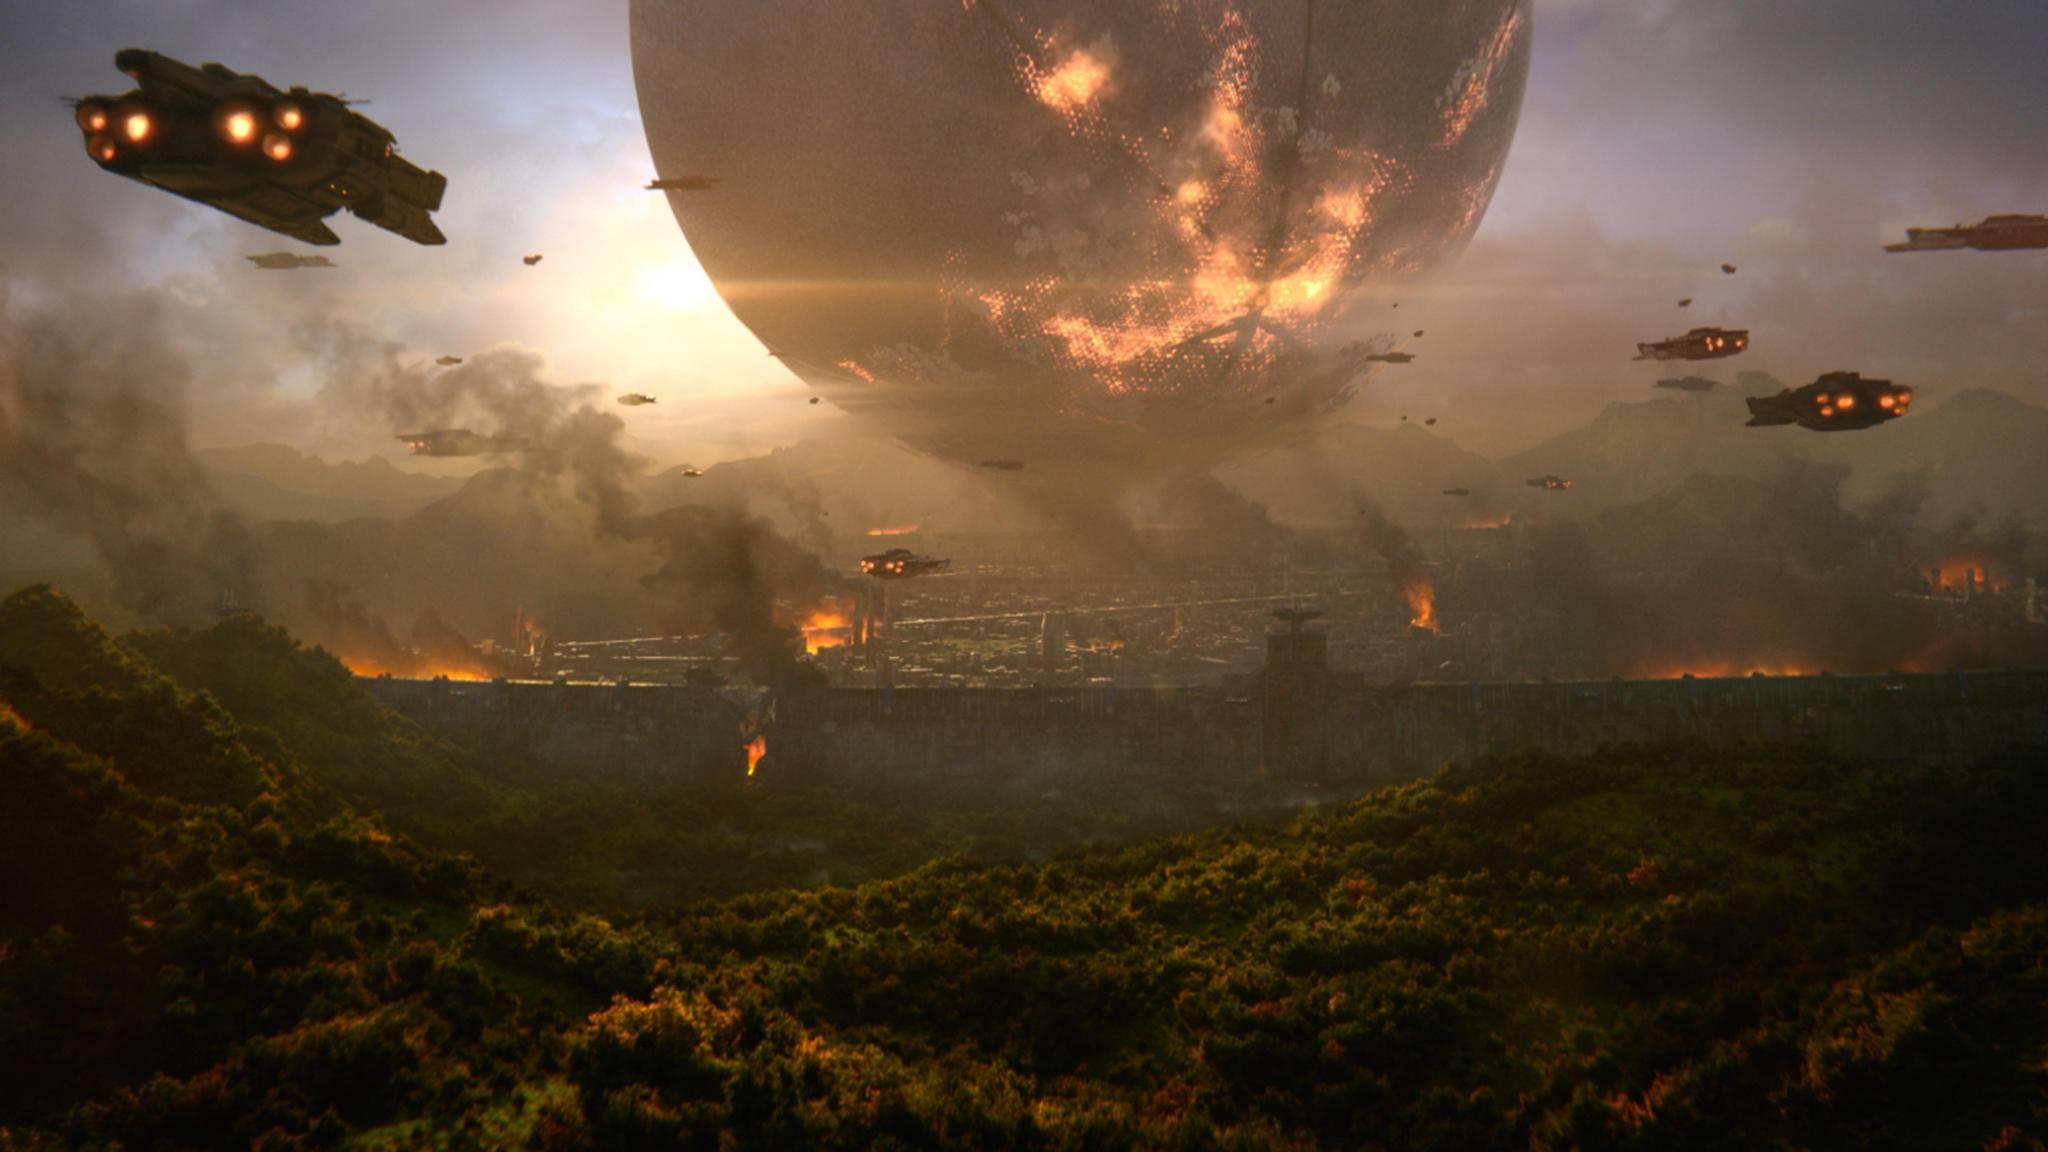 """Bedeutet das Spiele-als-Service-Modell wie in """"Destiny 2"""" das Ende für spannende Singleplayer-Abenteuer?"""